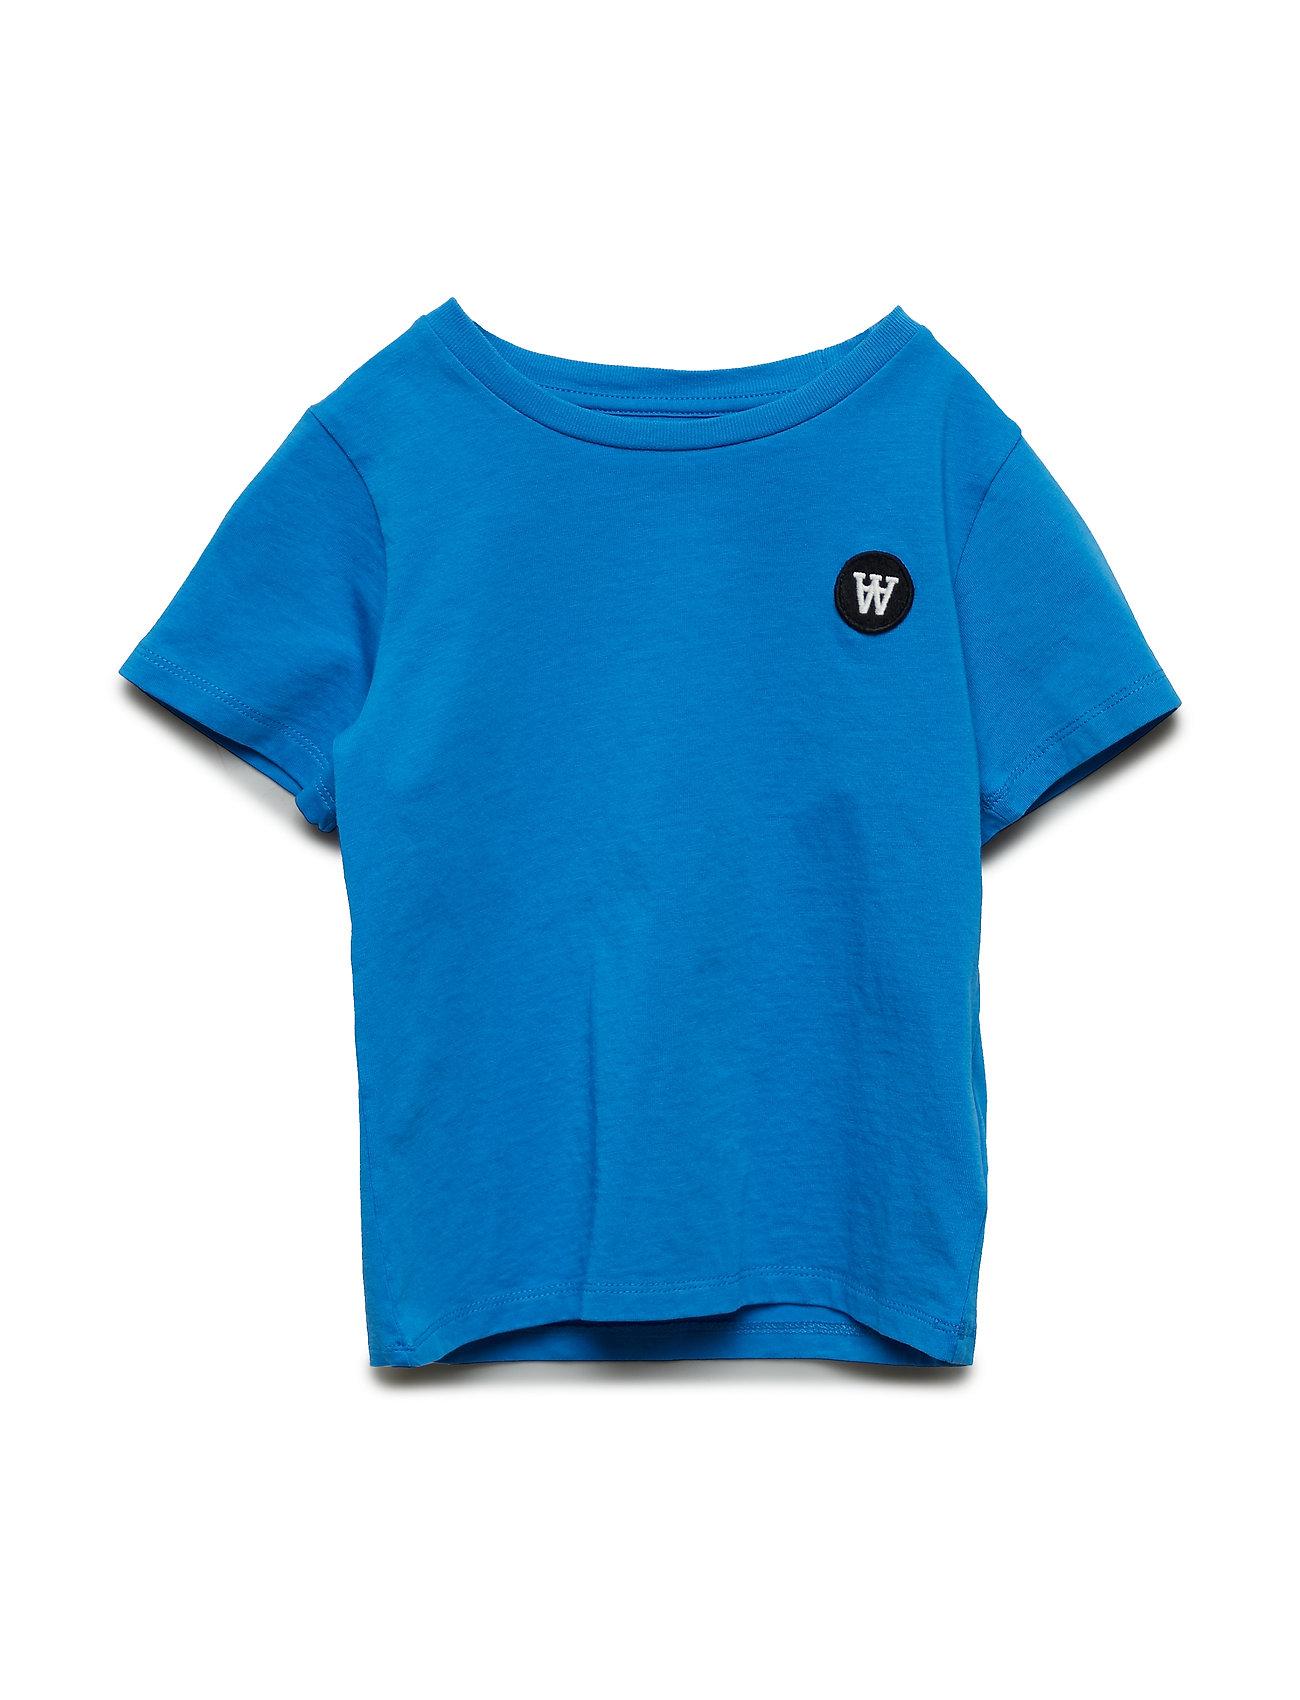 908c335fe541c7 Blå Wood Wood Ola Kids T-Shirt kortærmede t-shirts   toppe for børn ...